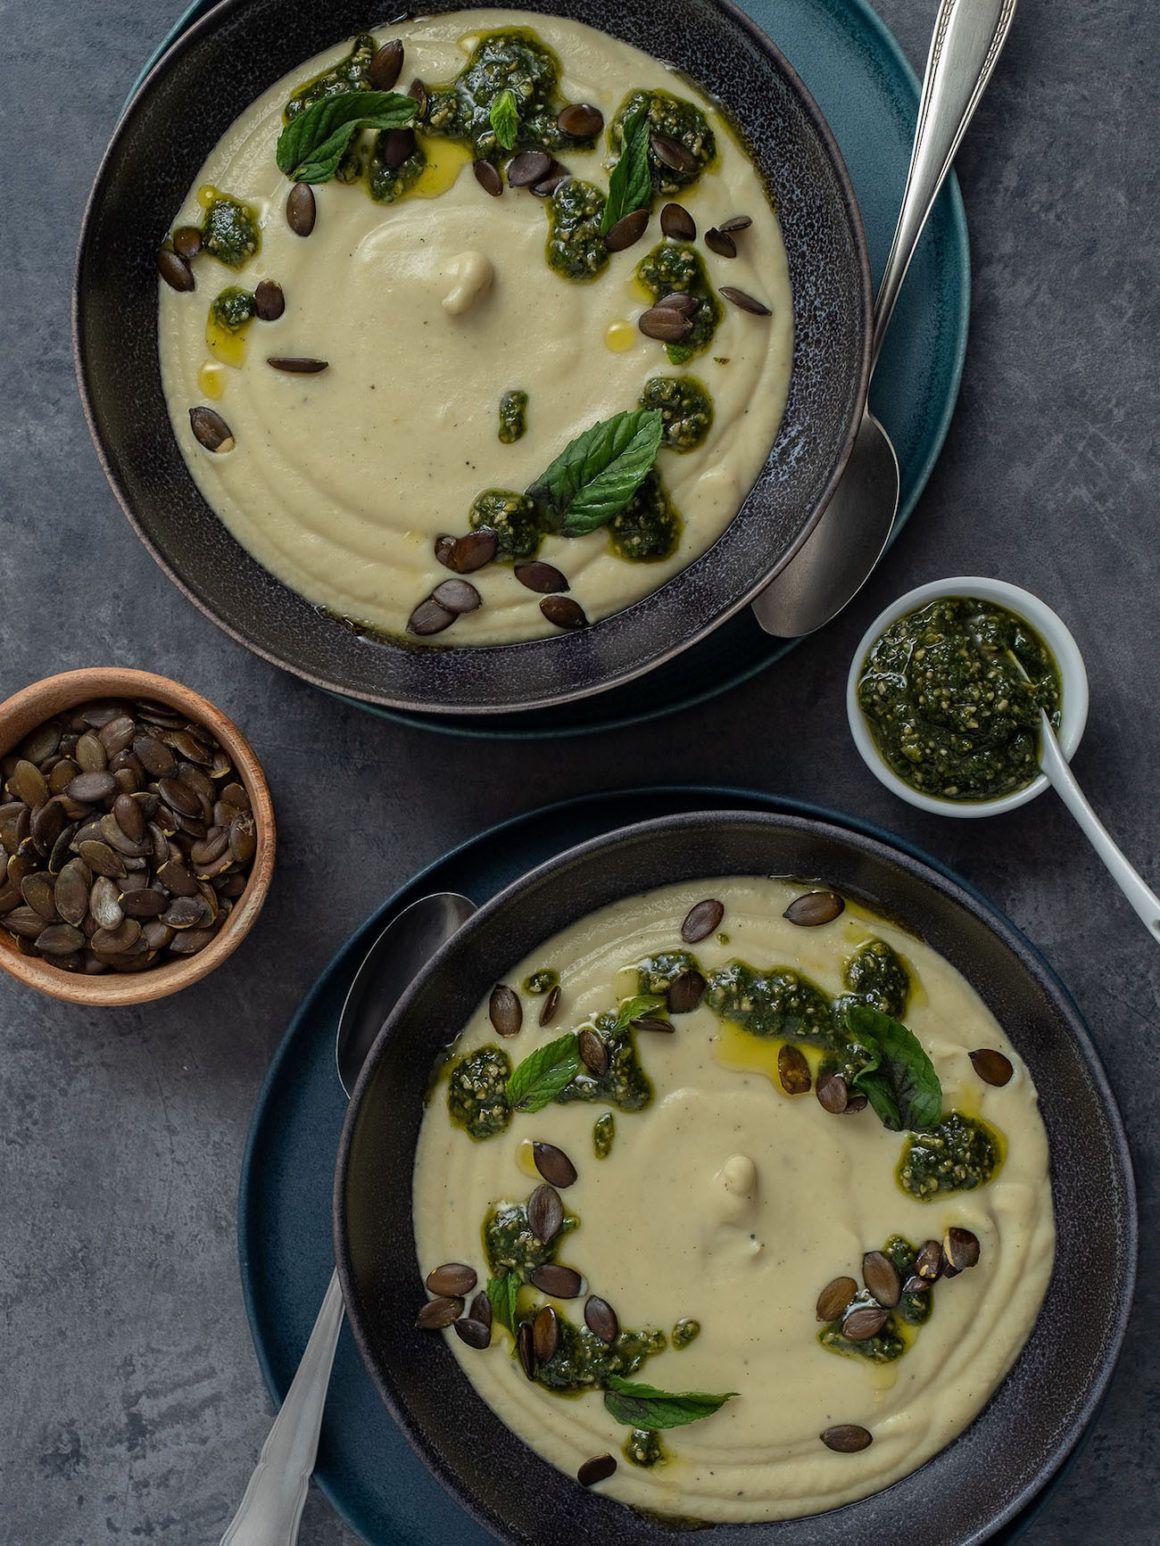 Foodblog, About Fuel, Rezept, Blumenkohlsuppe mit Sonnenblumenkern-Minz-Pesto und Kürbiskernen, Minze, Teller